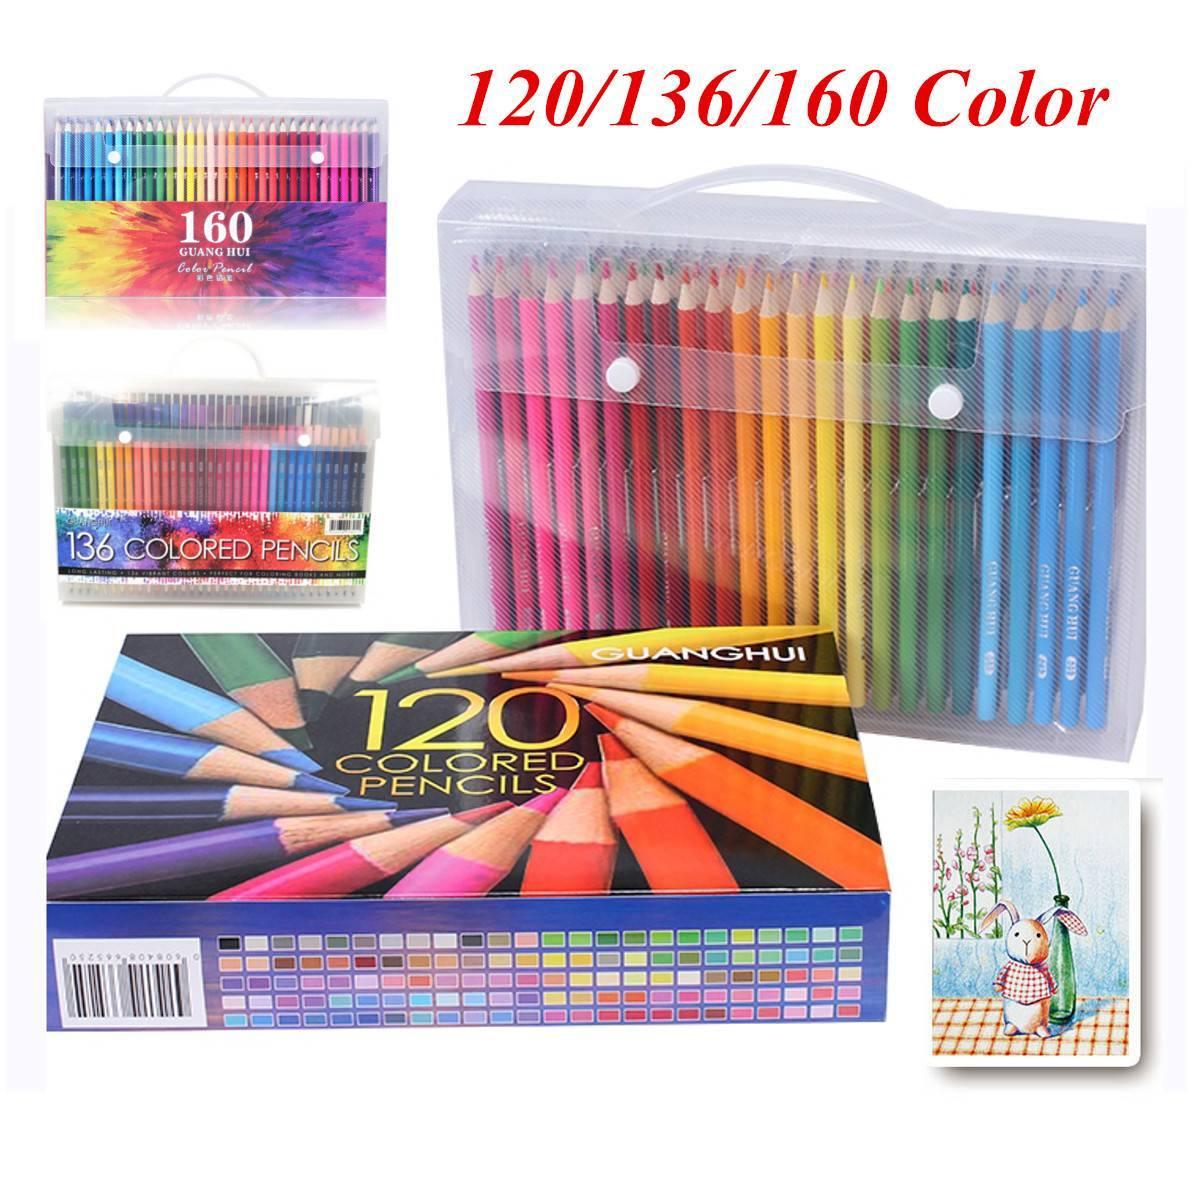 Couleur Peinture Pour Bureau Professionnel professionnel crayon set bois de couleur dessin au crayon crayons pour la  peinture école artiste fournitures de bureau sketch 120/136/160 couleurs